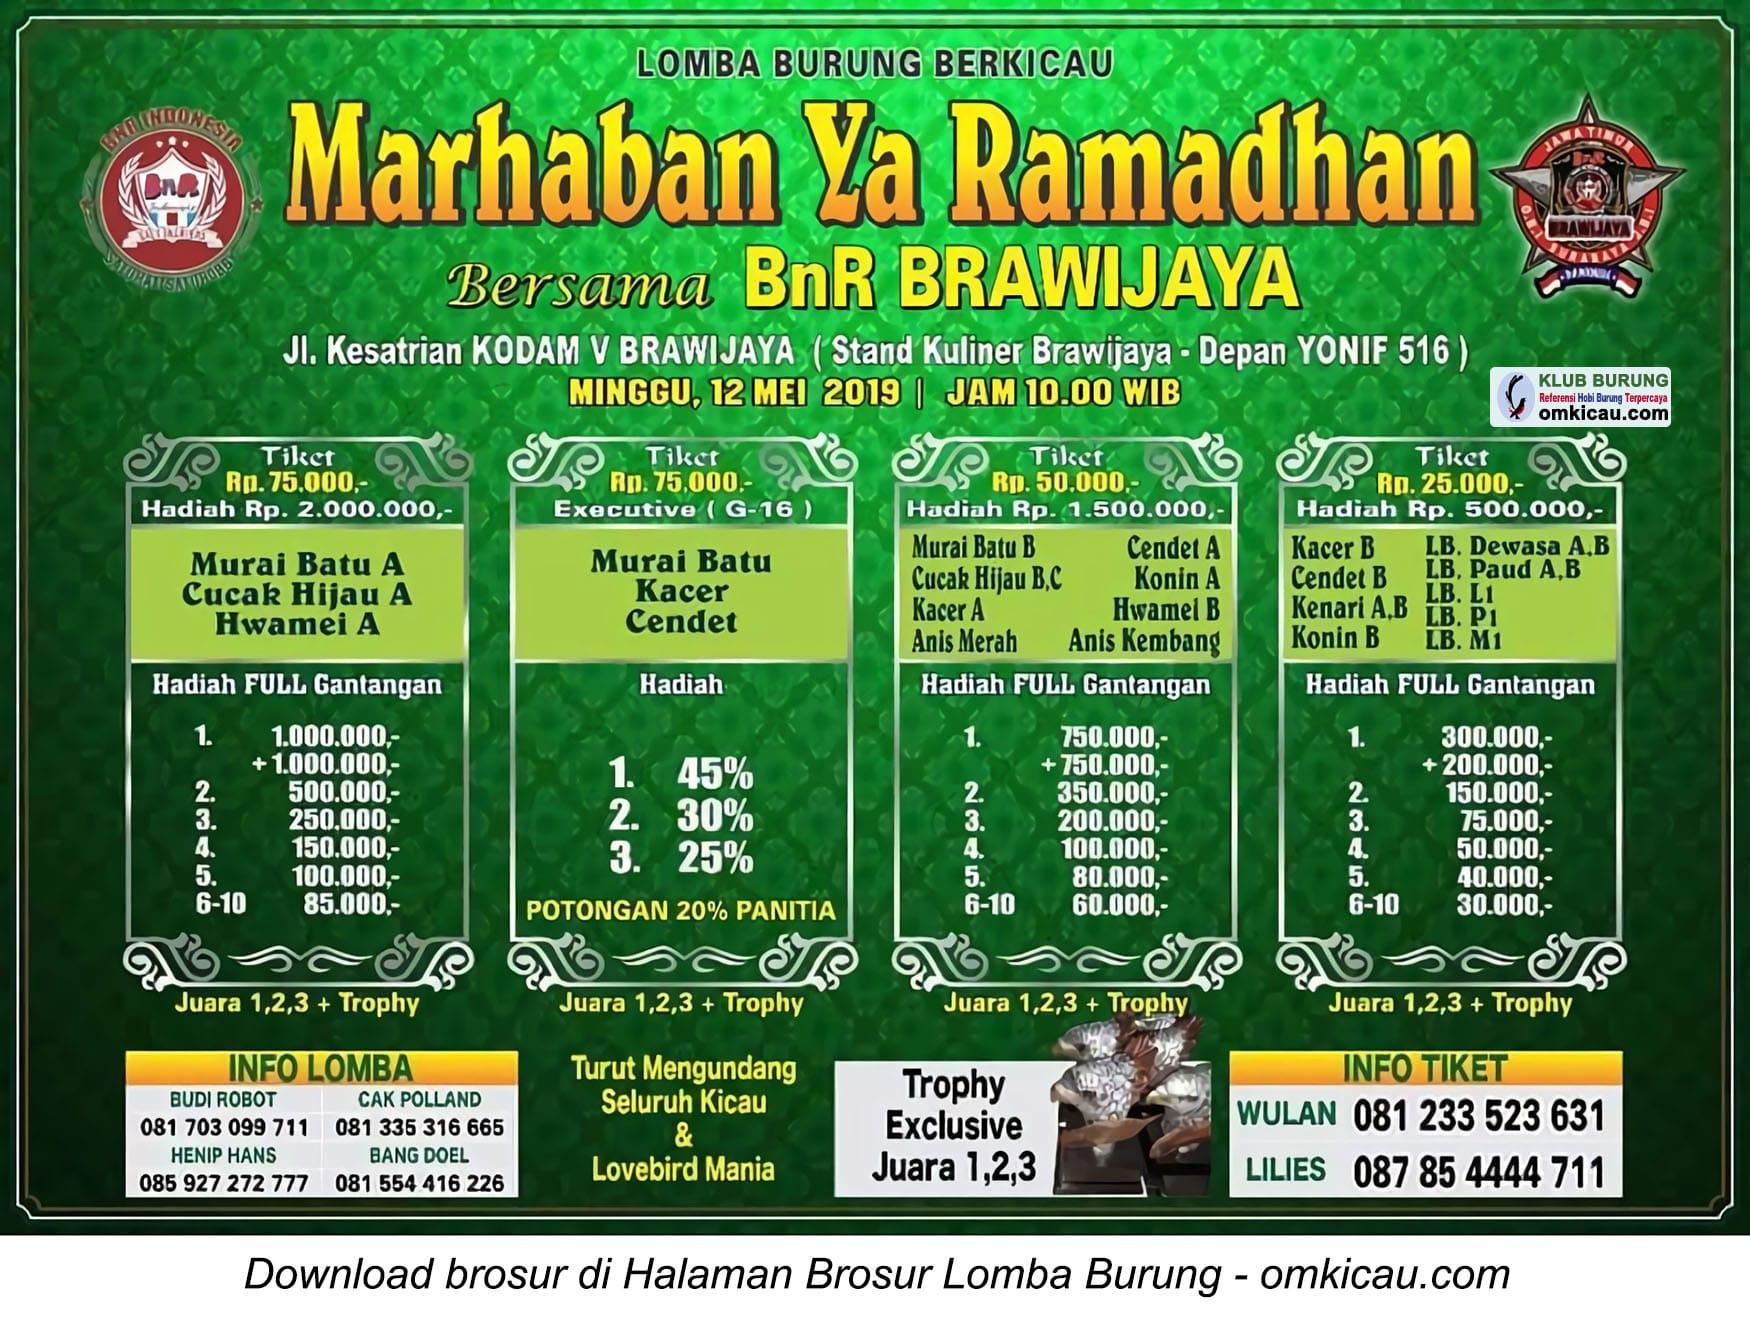 BnR Brawijaya Marhaban Ya Ramadhan